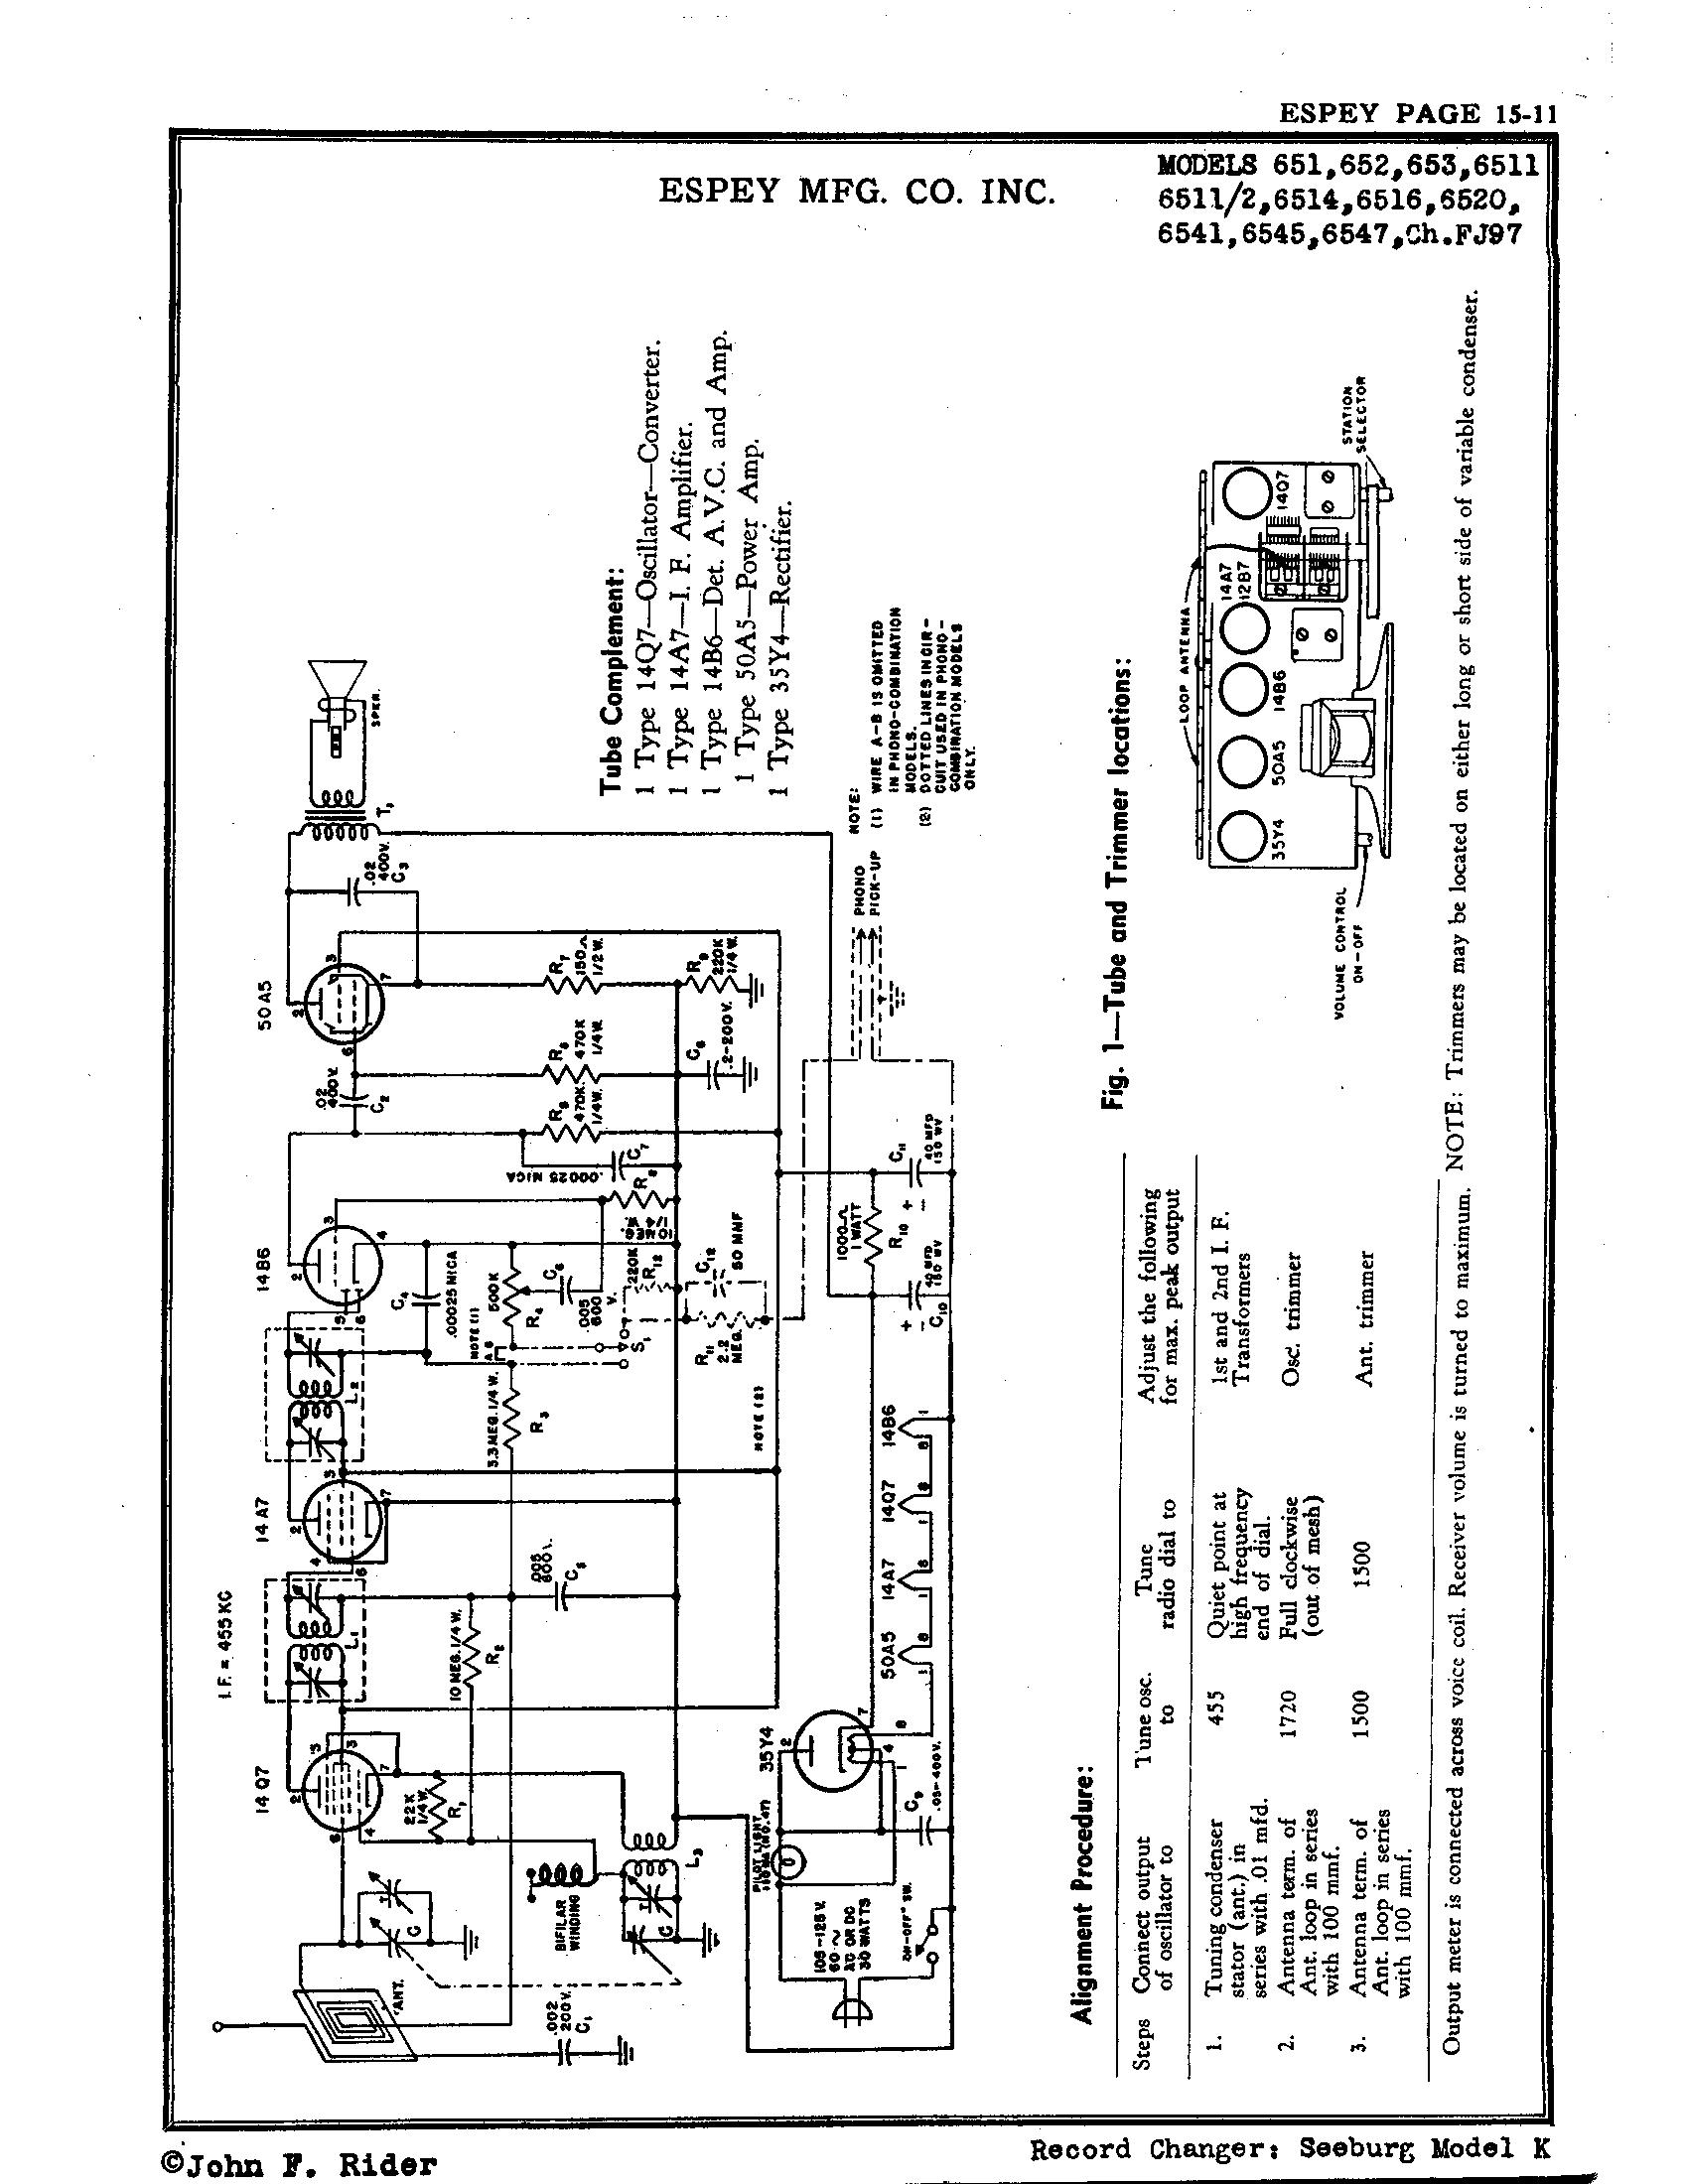 espey mfg  co   inc  6541